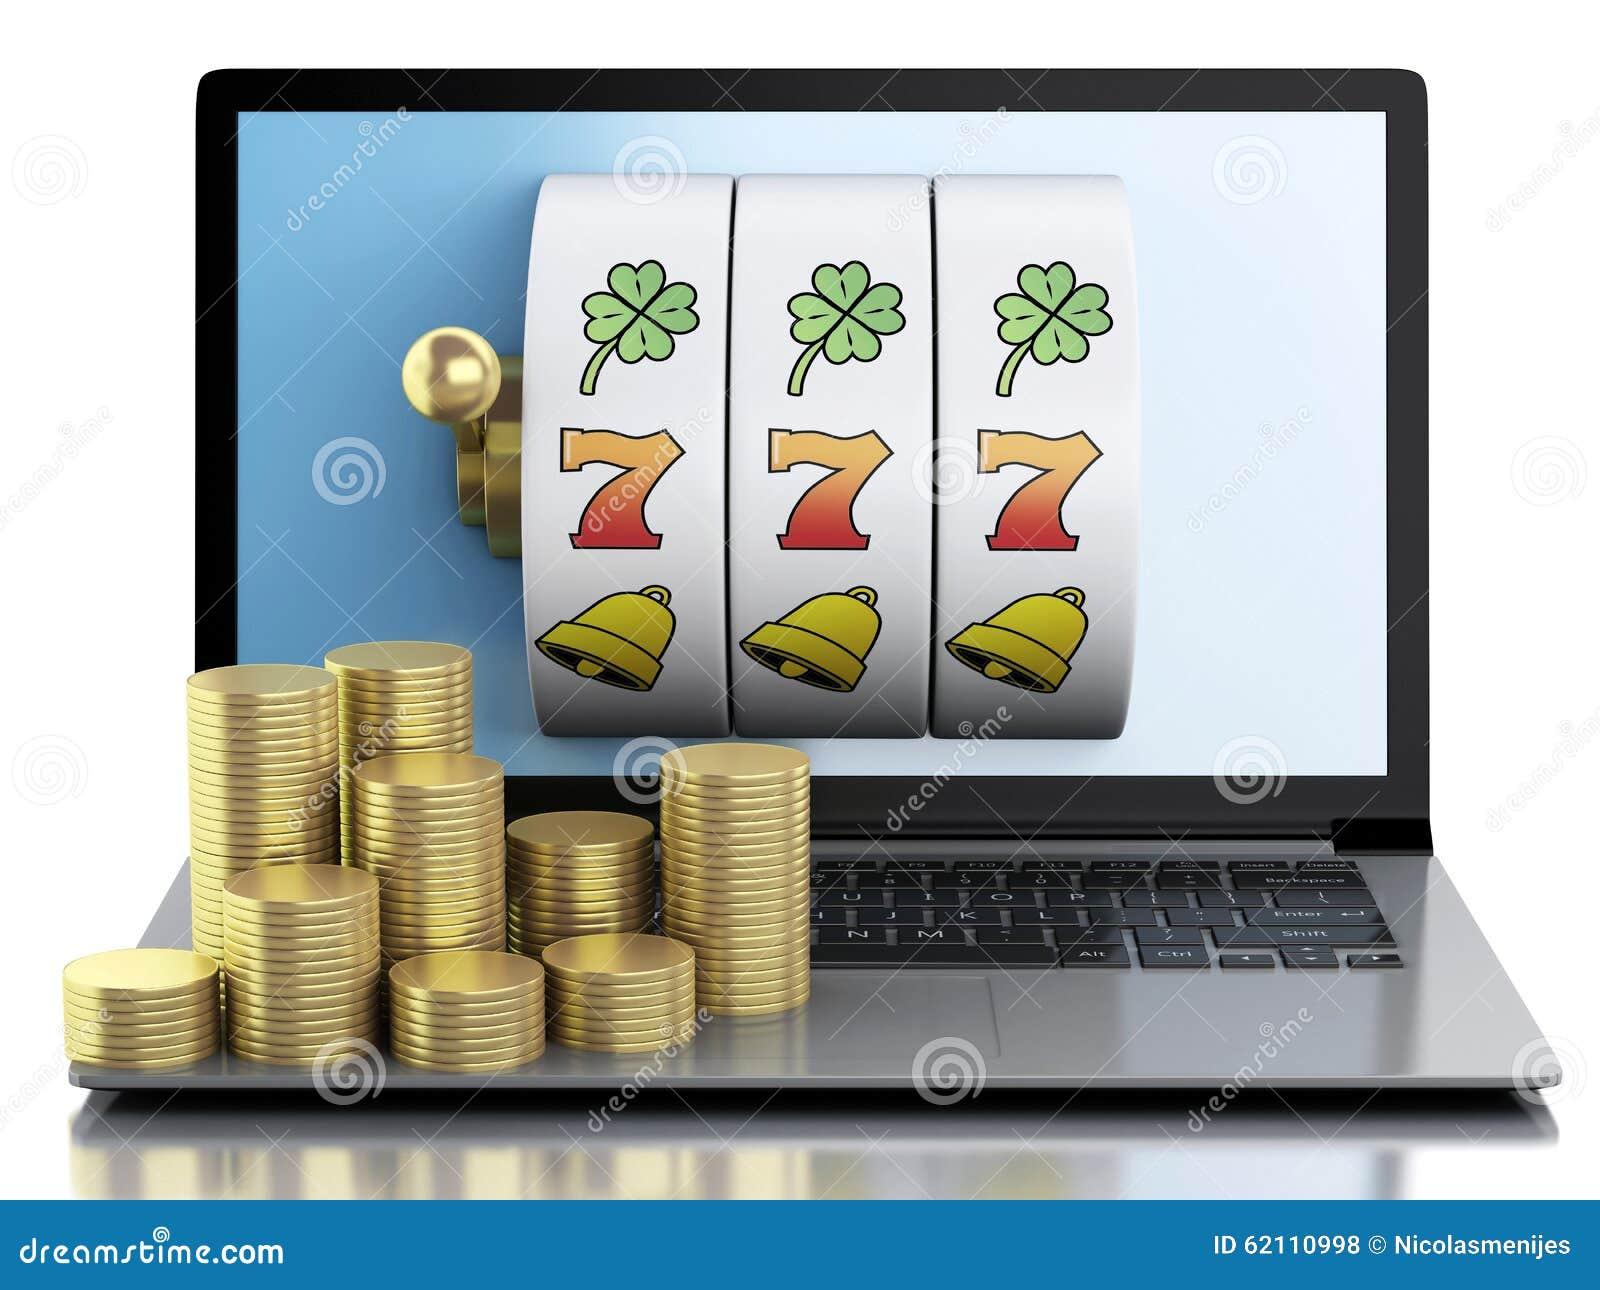 online casino slot dice online